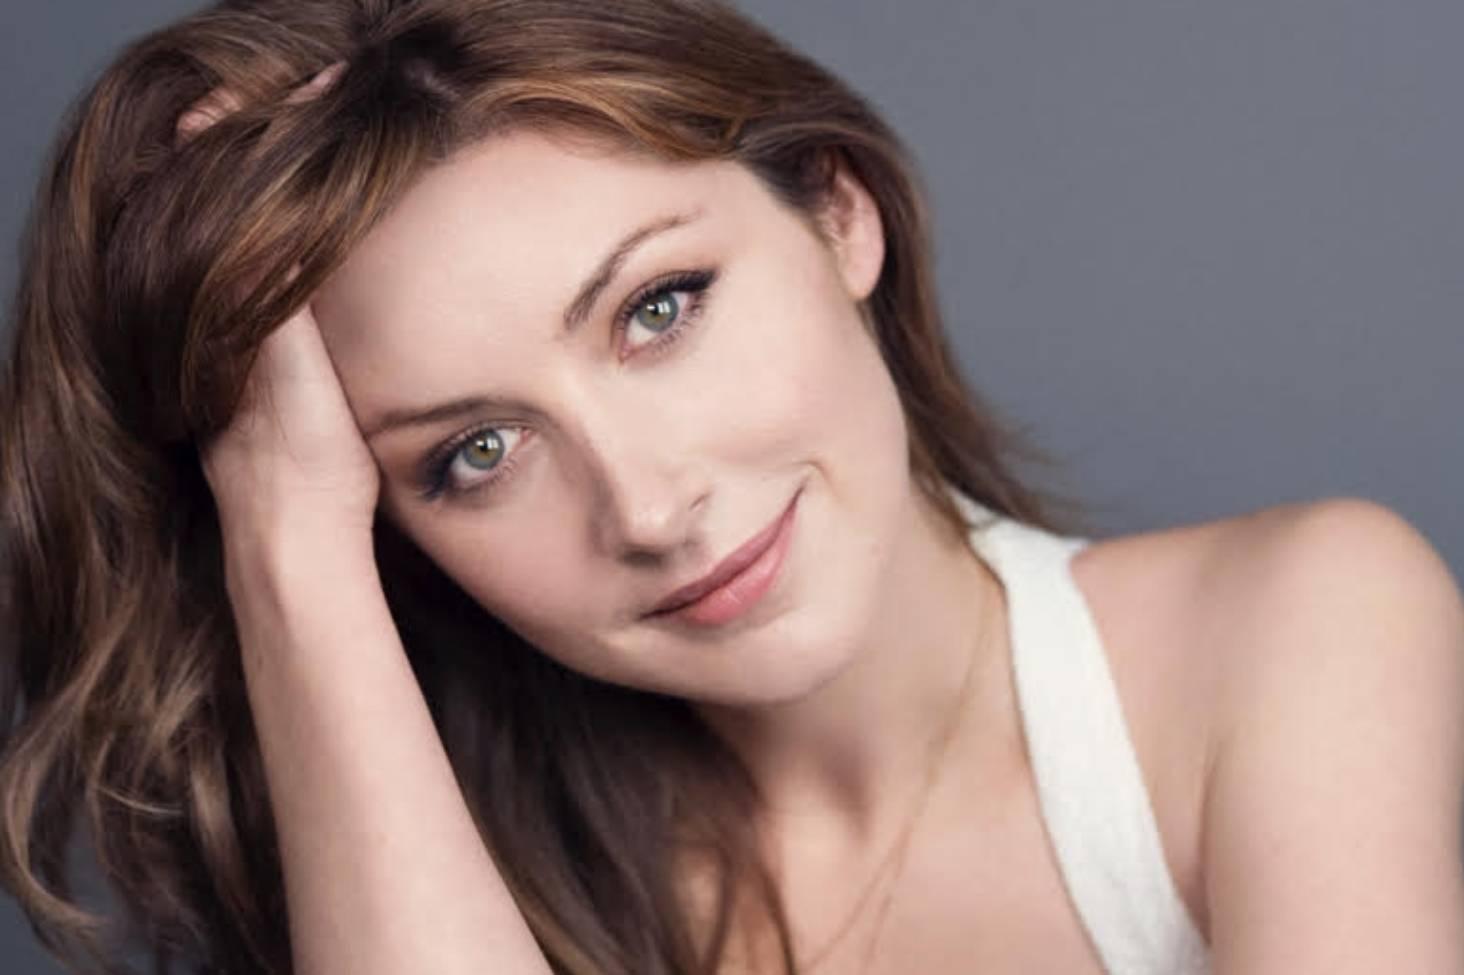 Emma Hamilton (actress) nudes (83 photos), Sexy, Cleavage, Boobs, bra 2006